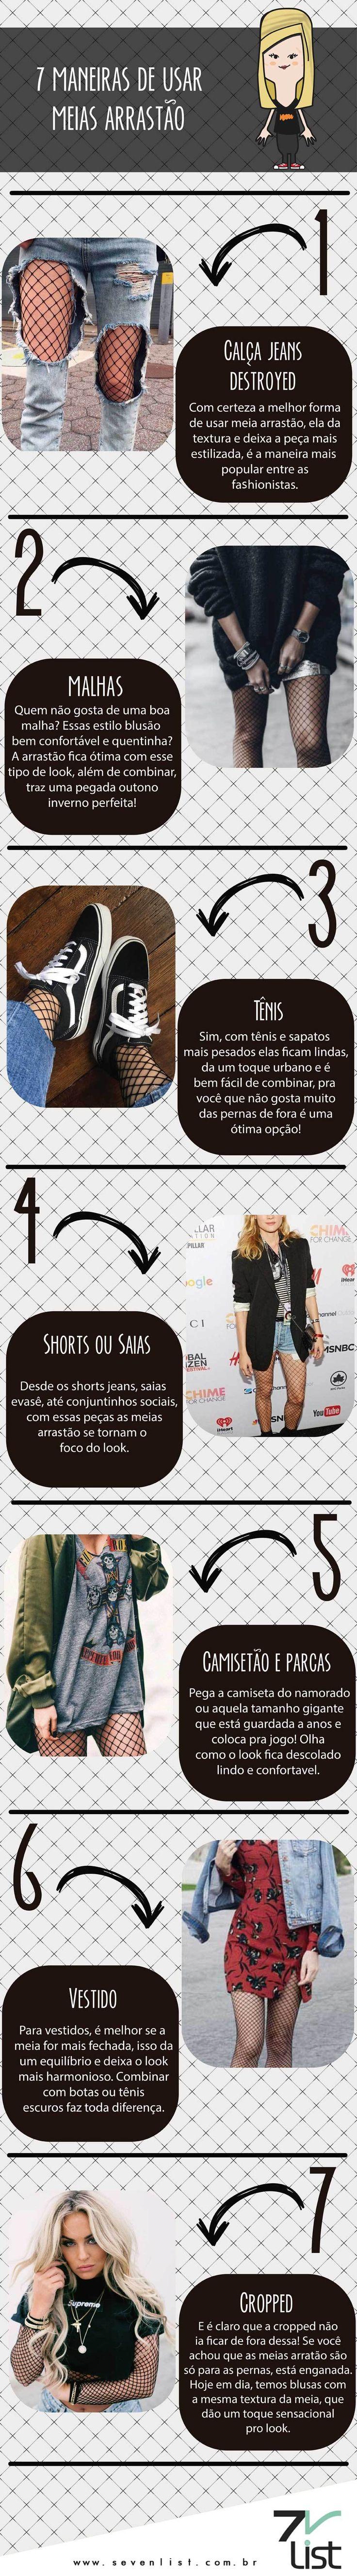 dicas para arrasar com a sua meia-arrastão! use com saia, shorts, tênis ou casacões e vráááá! veja sempre mais em http://www.deatwilightzone.com.br/